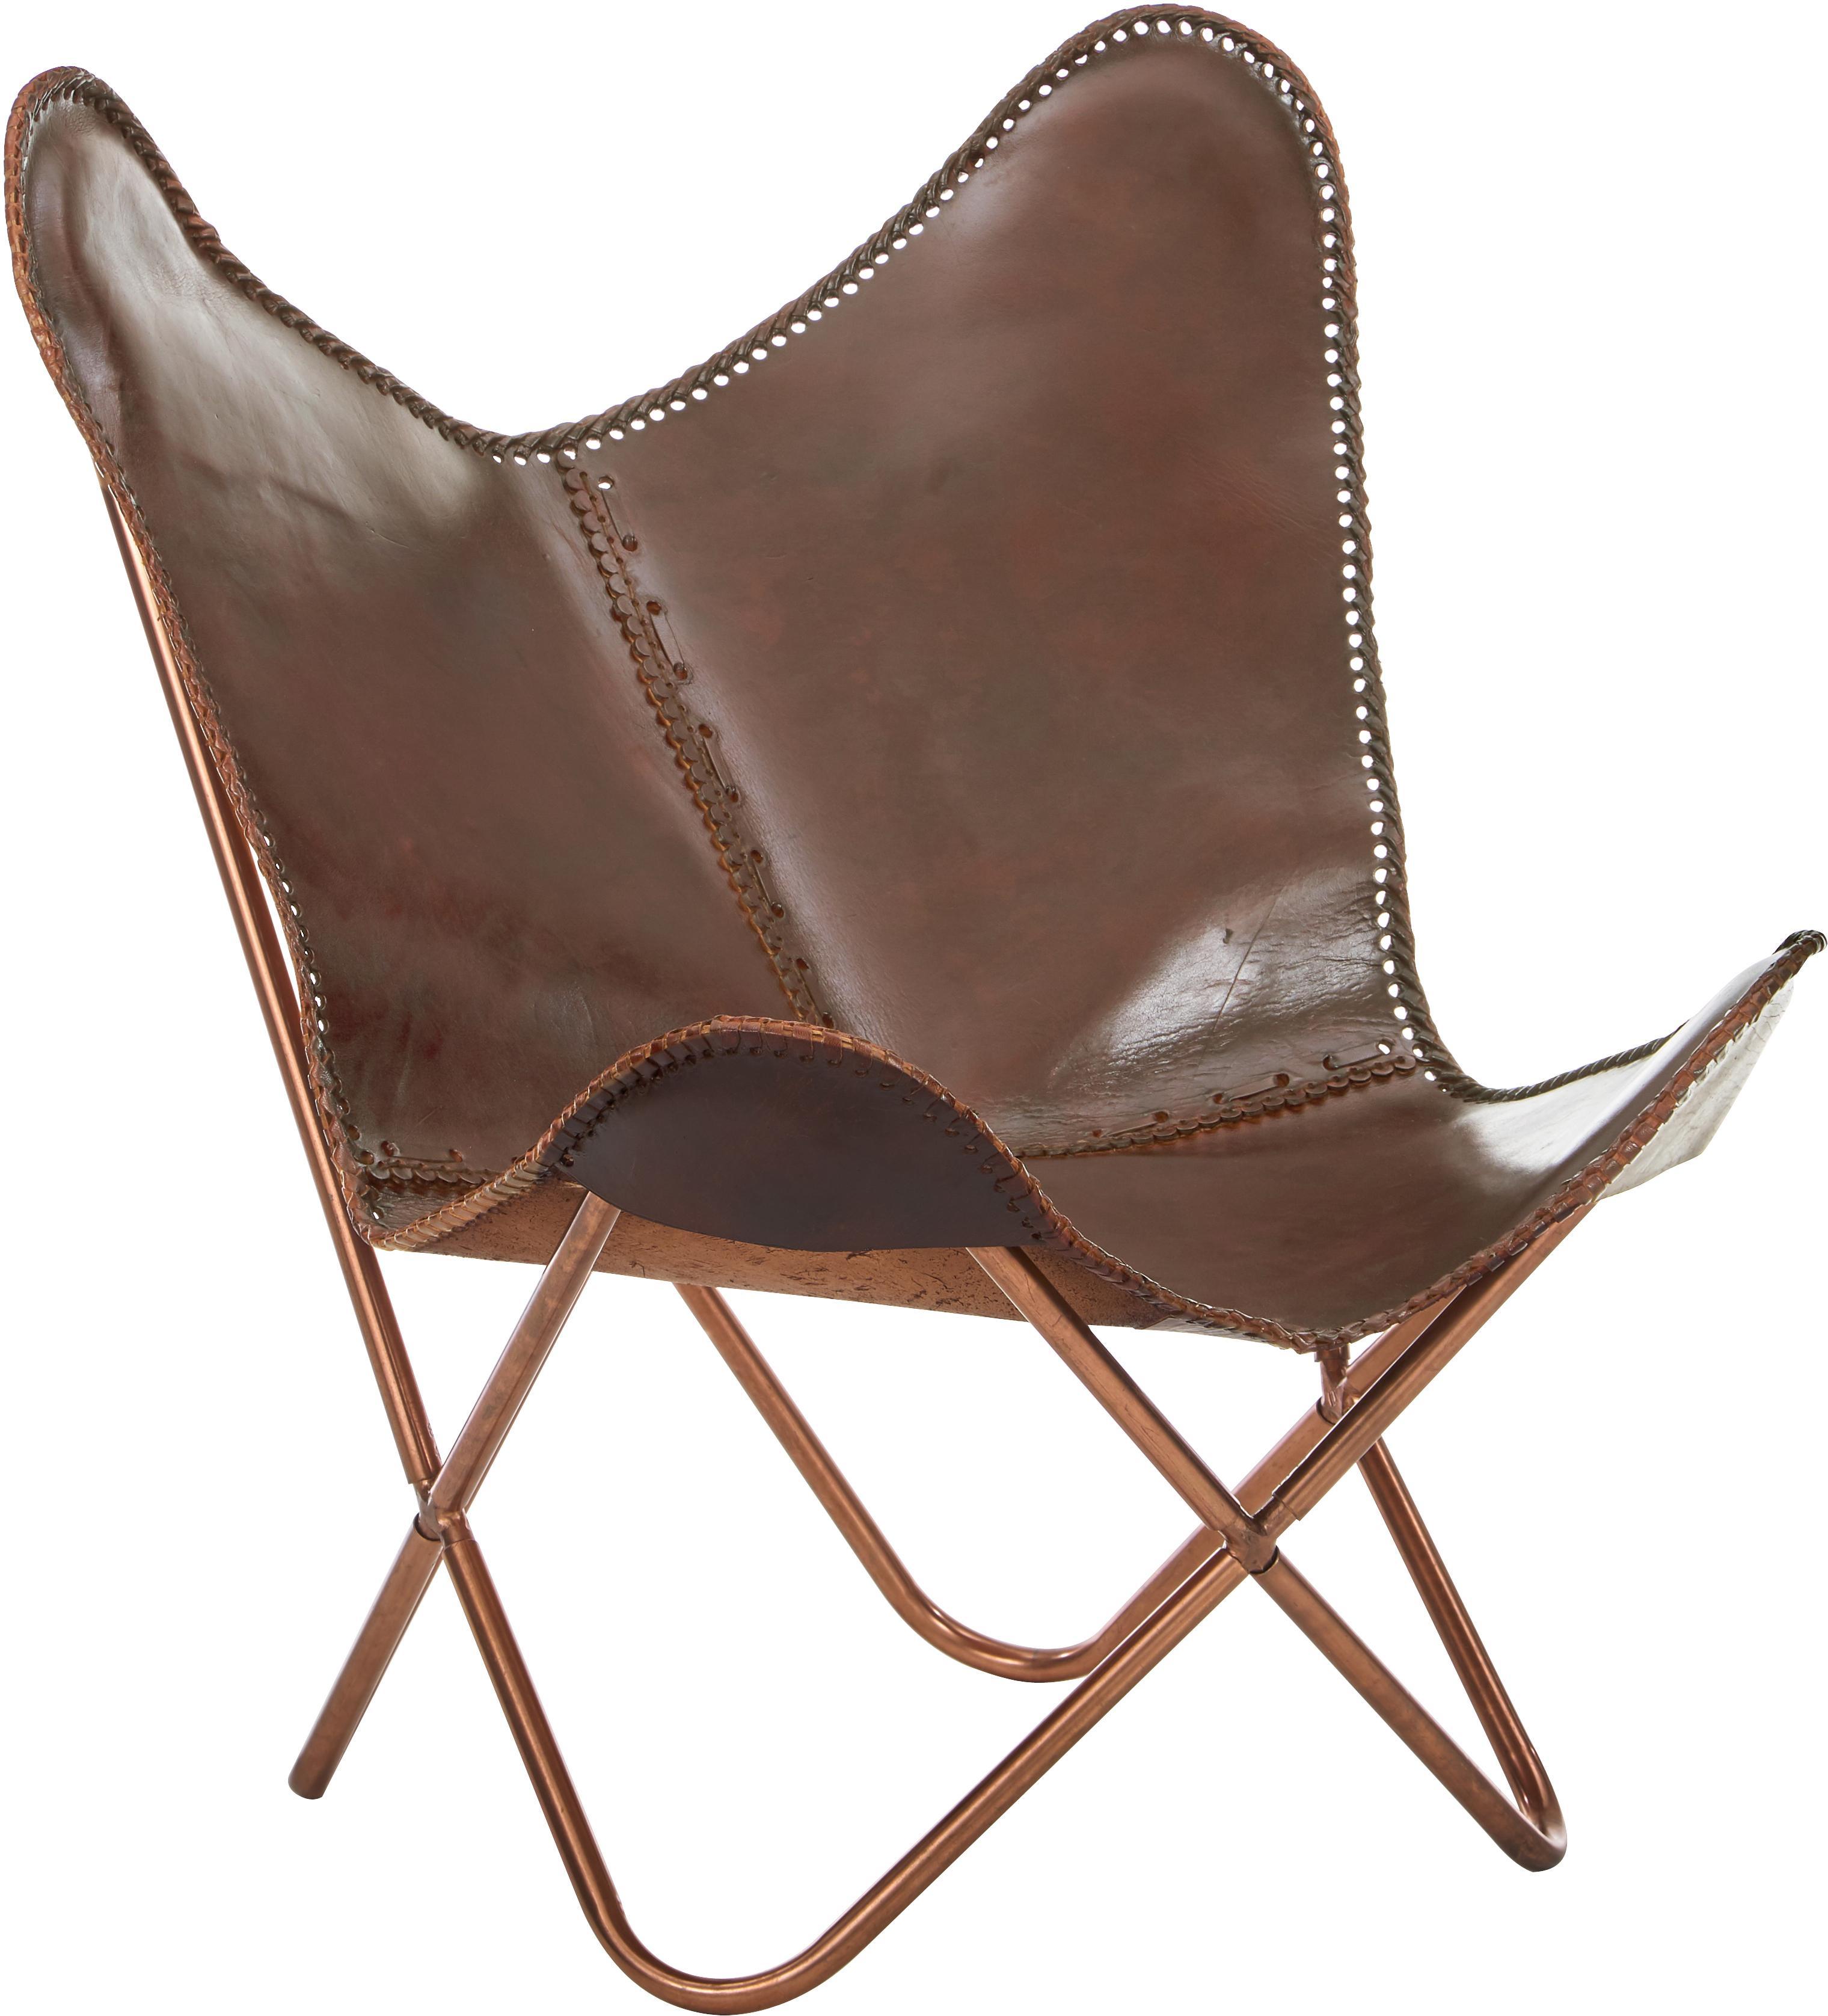 Fotel ze skóry Butterfly, Tapicerka: skóra bydlęca, Stelaż: metal lakierowany, Brązowy, S 80 x W 87 cm